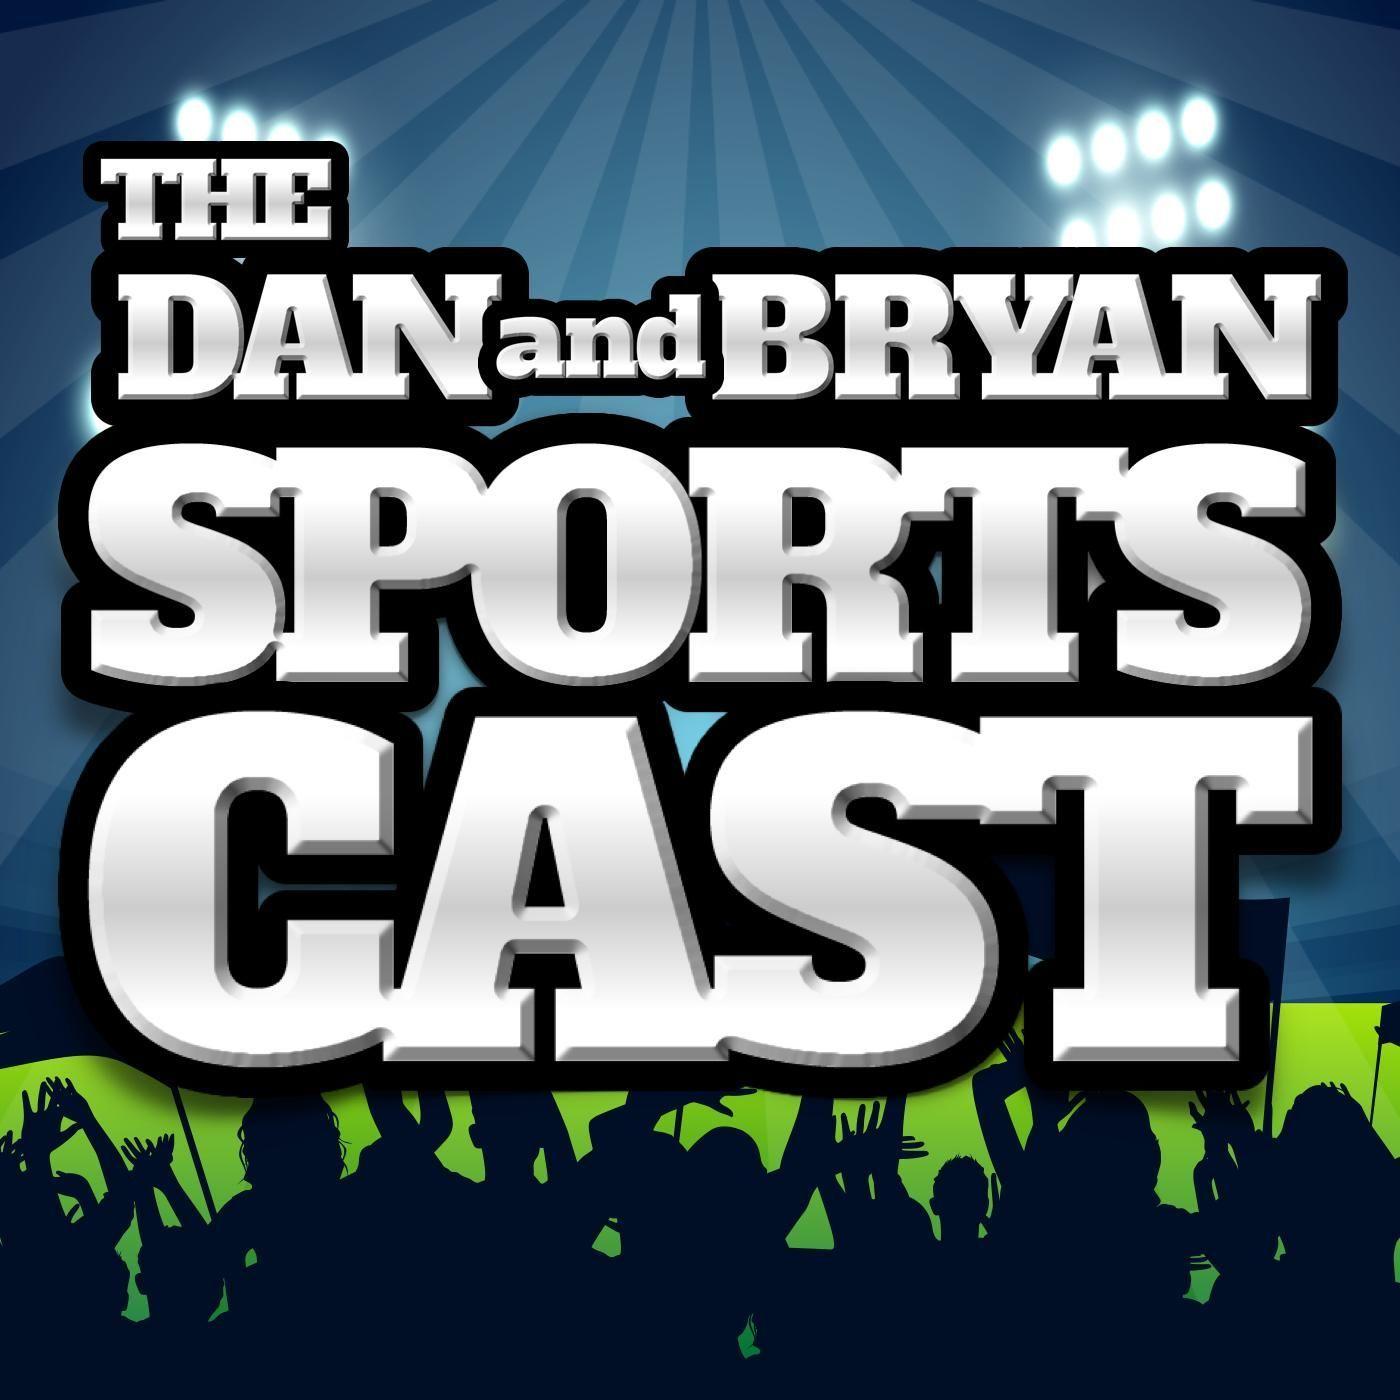 047: Superbowl 51 Predictions and Oscar De La Hoya getting a DUI